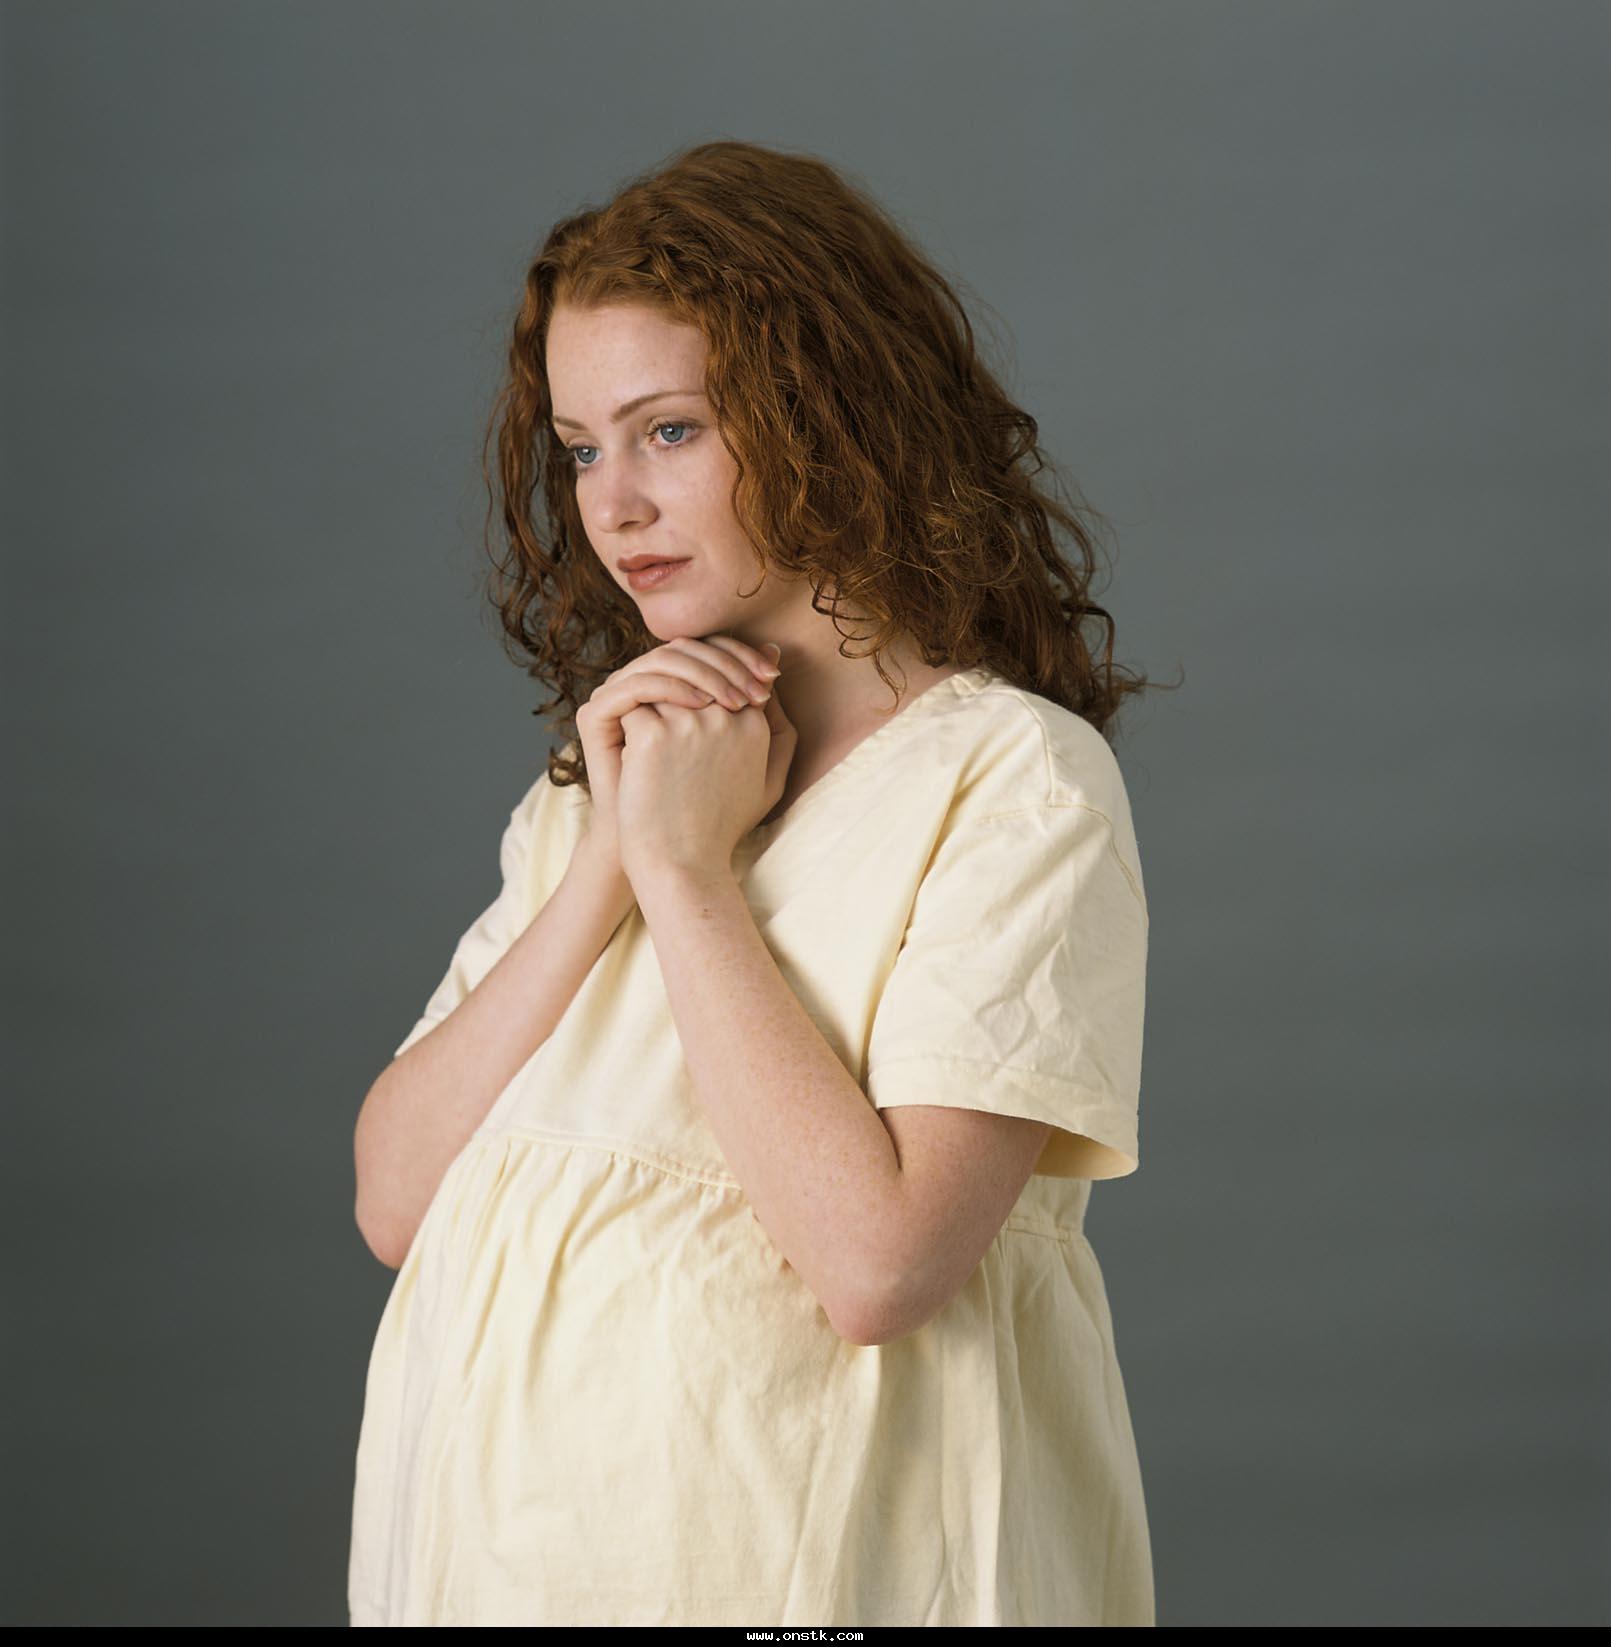 صور خلطة لتسهيل الولادة وفتح الرحم , طريقه جميله لتسهيل الولاده